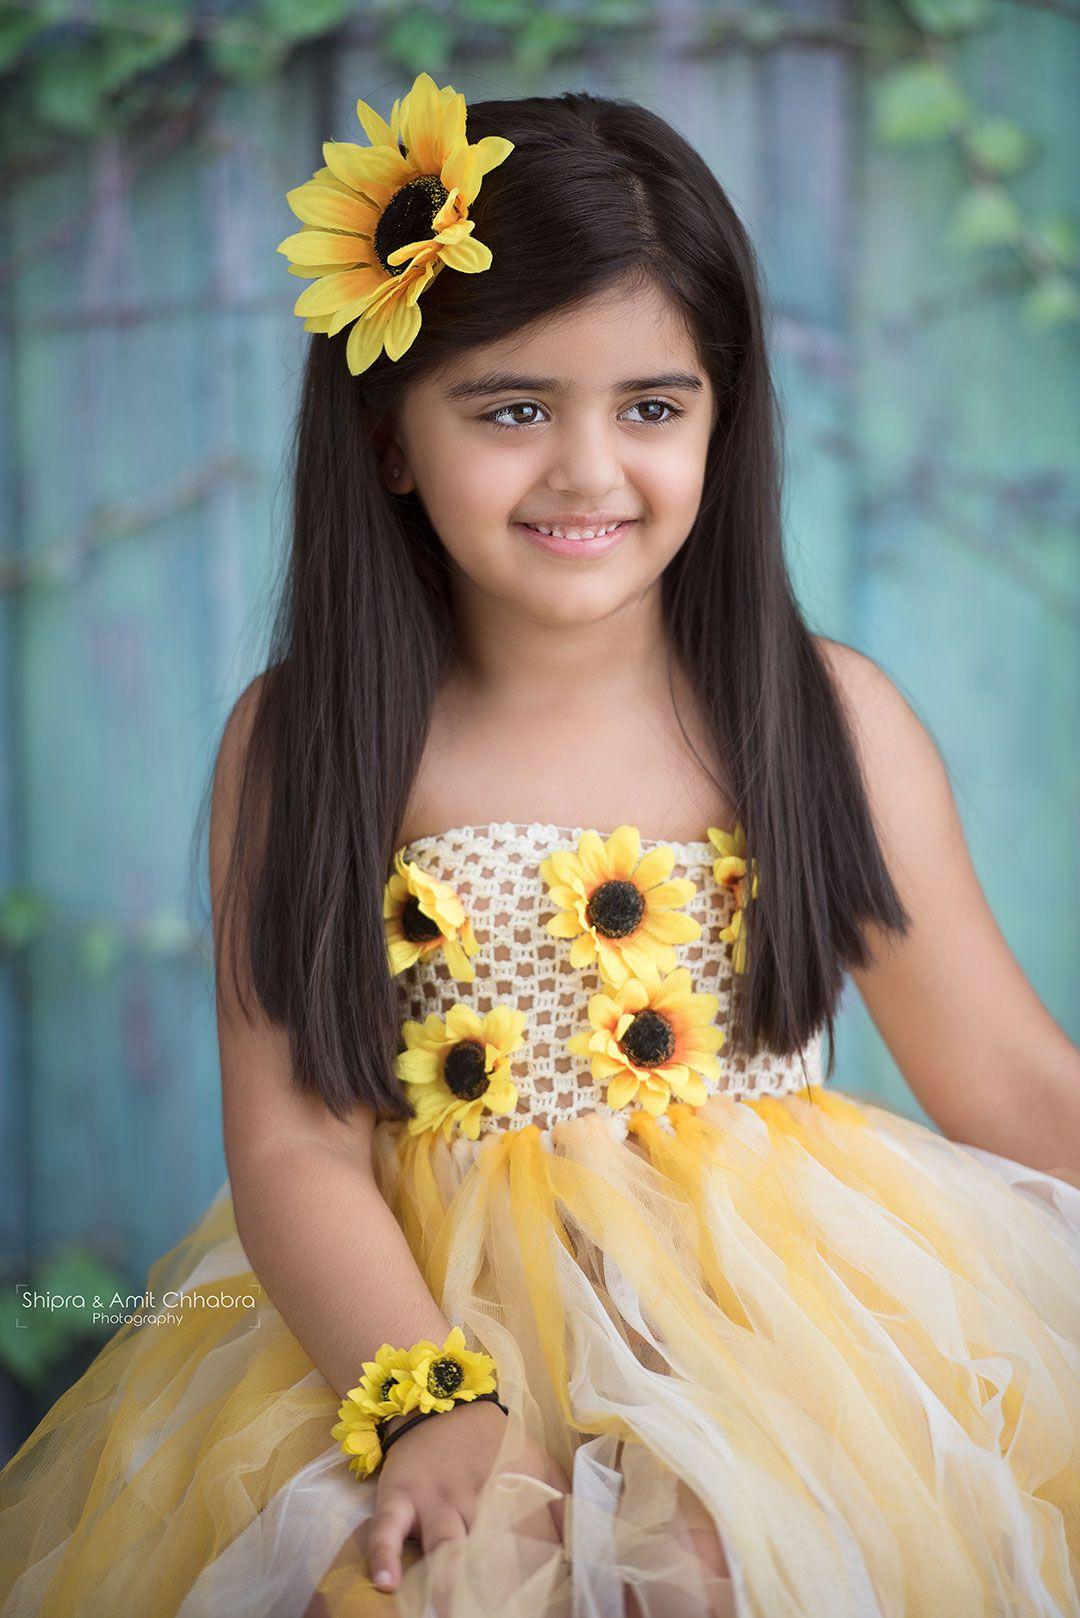 Shipra amit chhabra photography delhi ncr kidsphotographer photoshoot shipraamitchhabraphotography